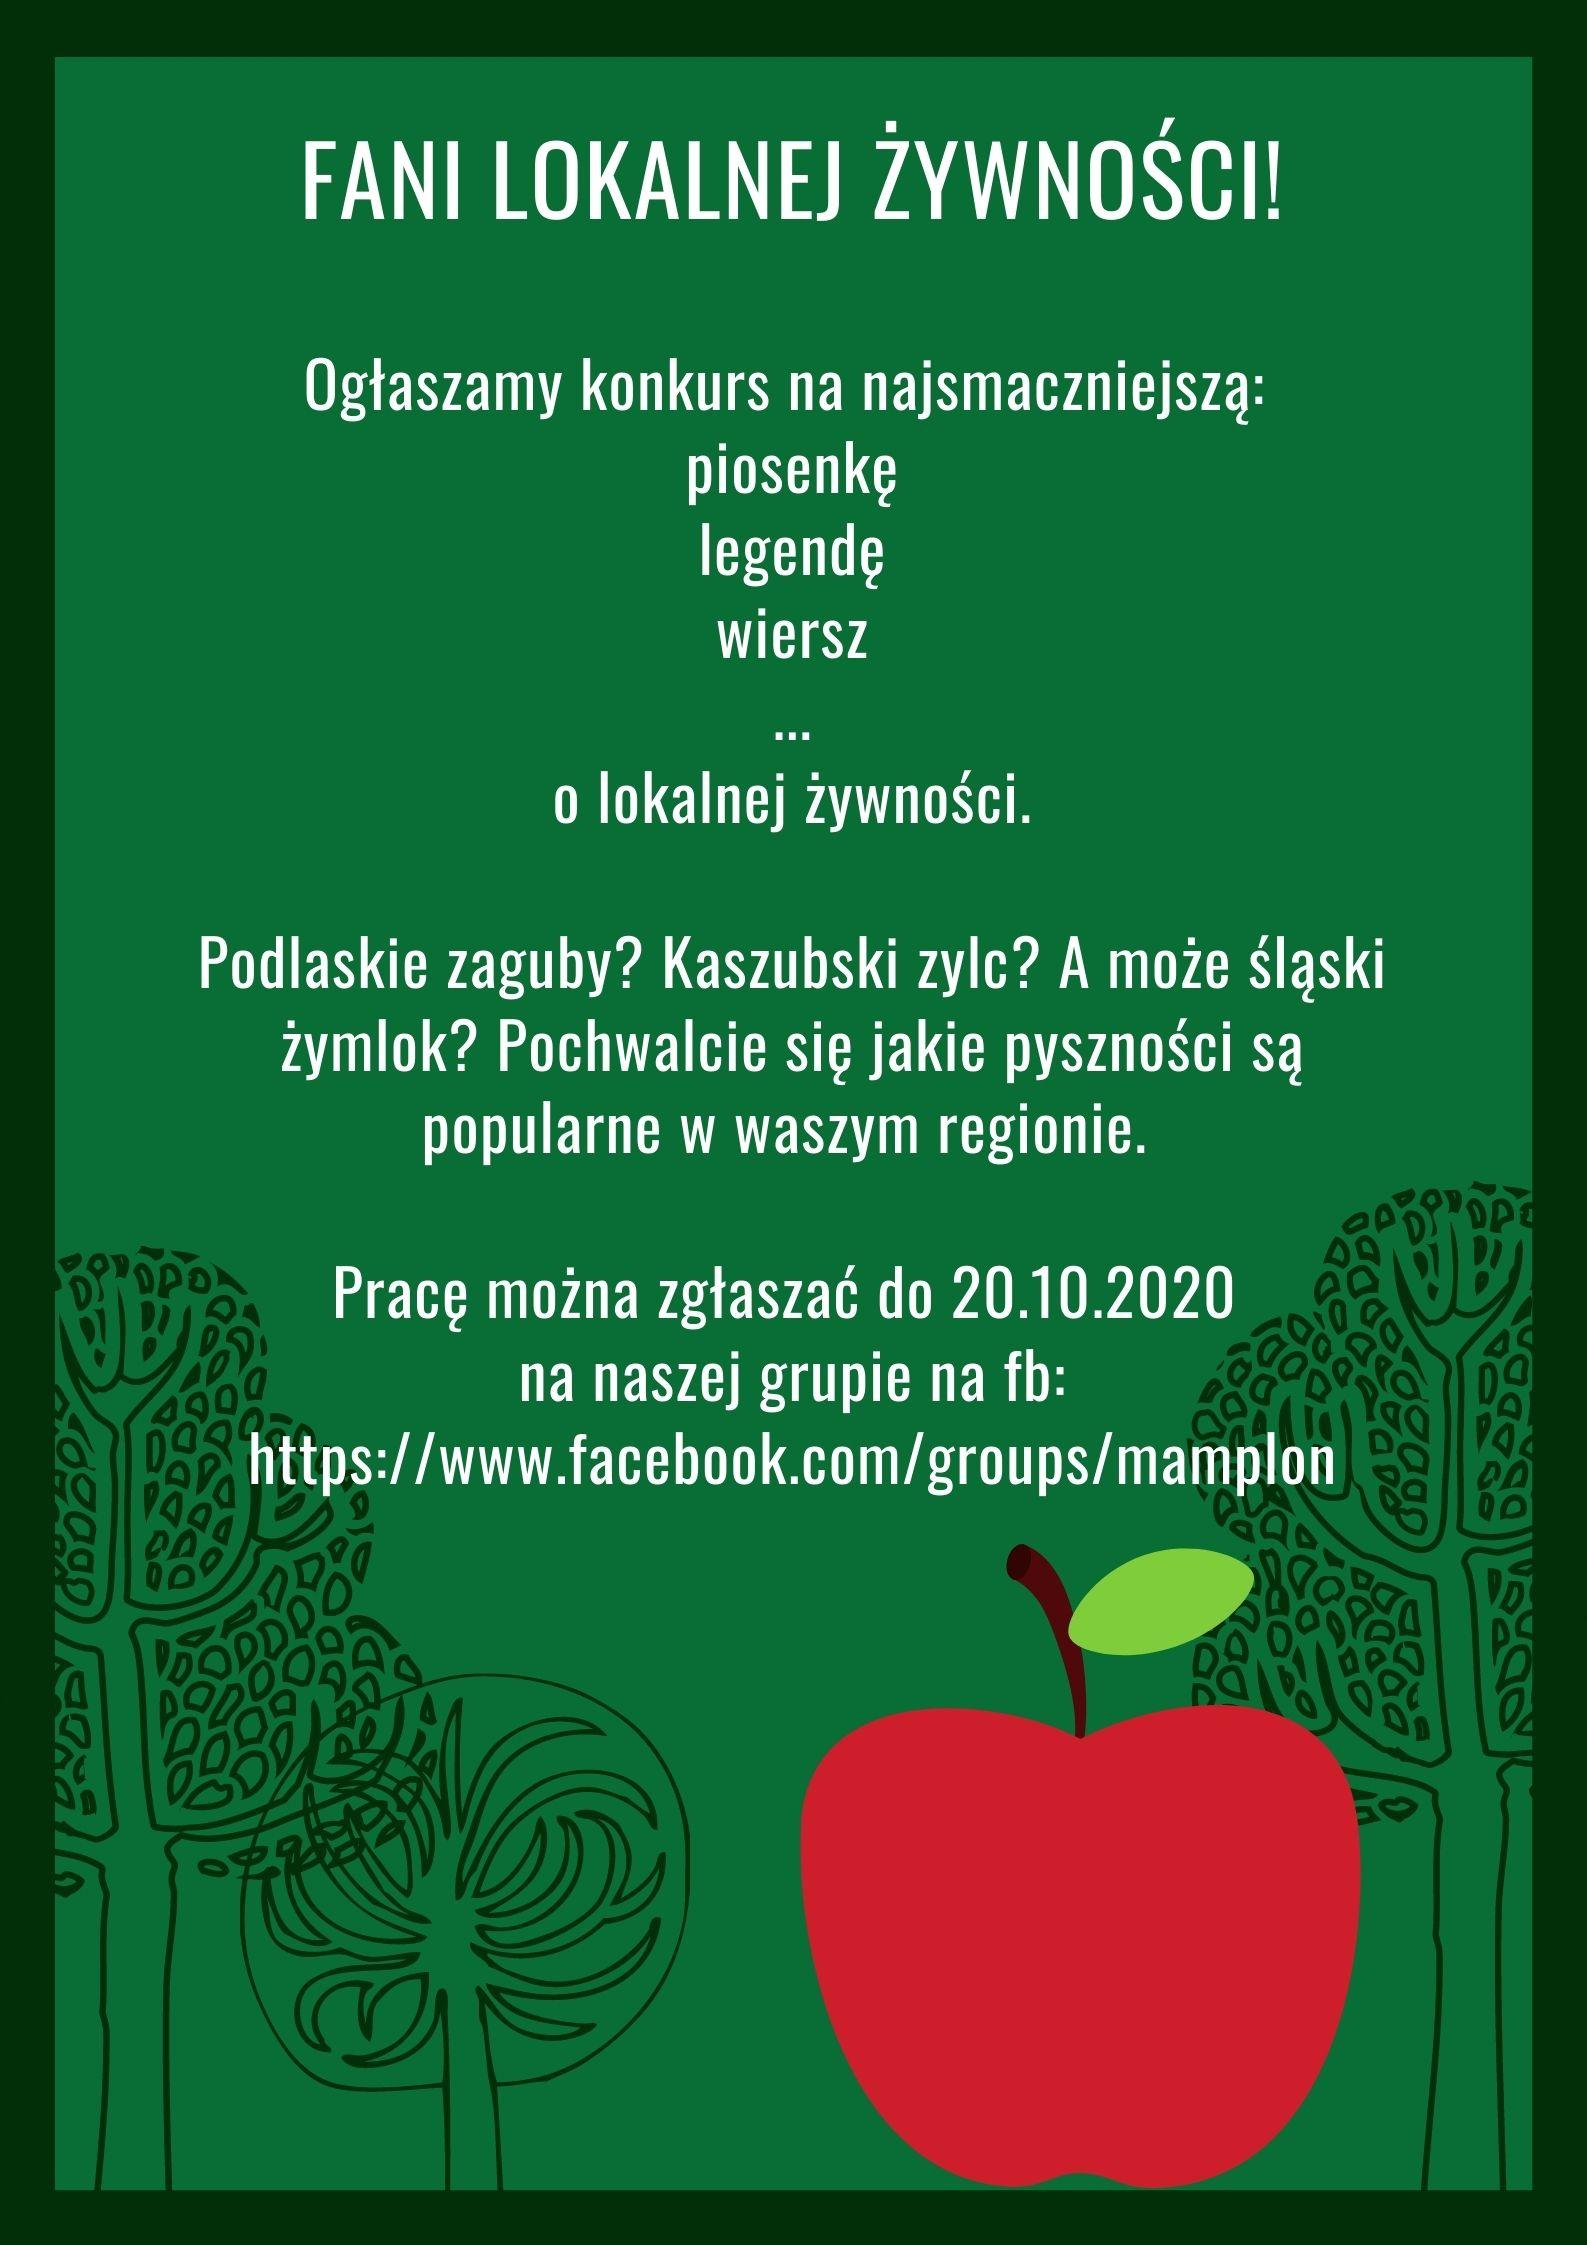 Plakat dot. konkursu na najsmaczniejszy utwór muzyczny lub literacki